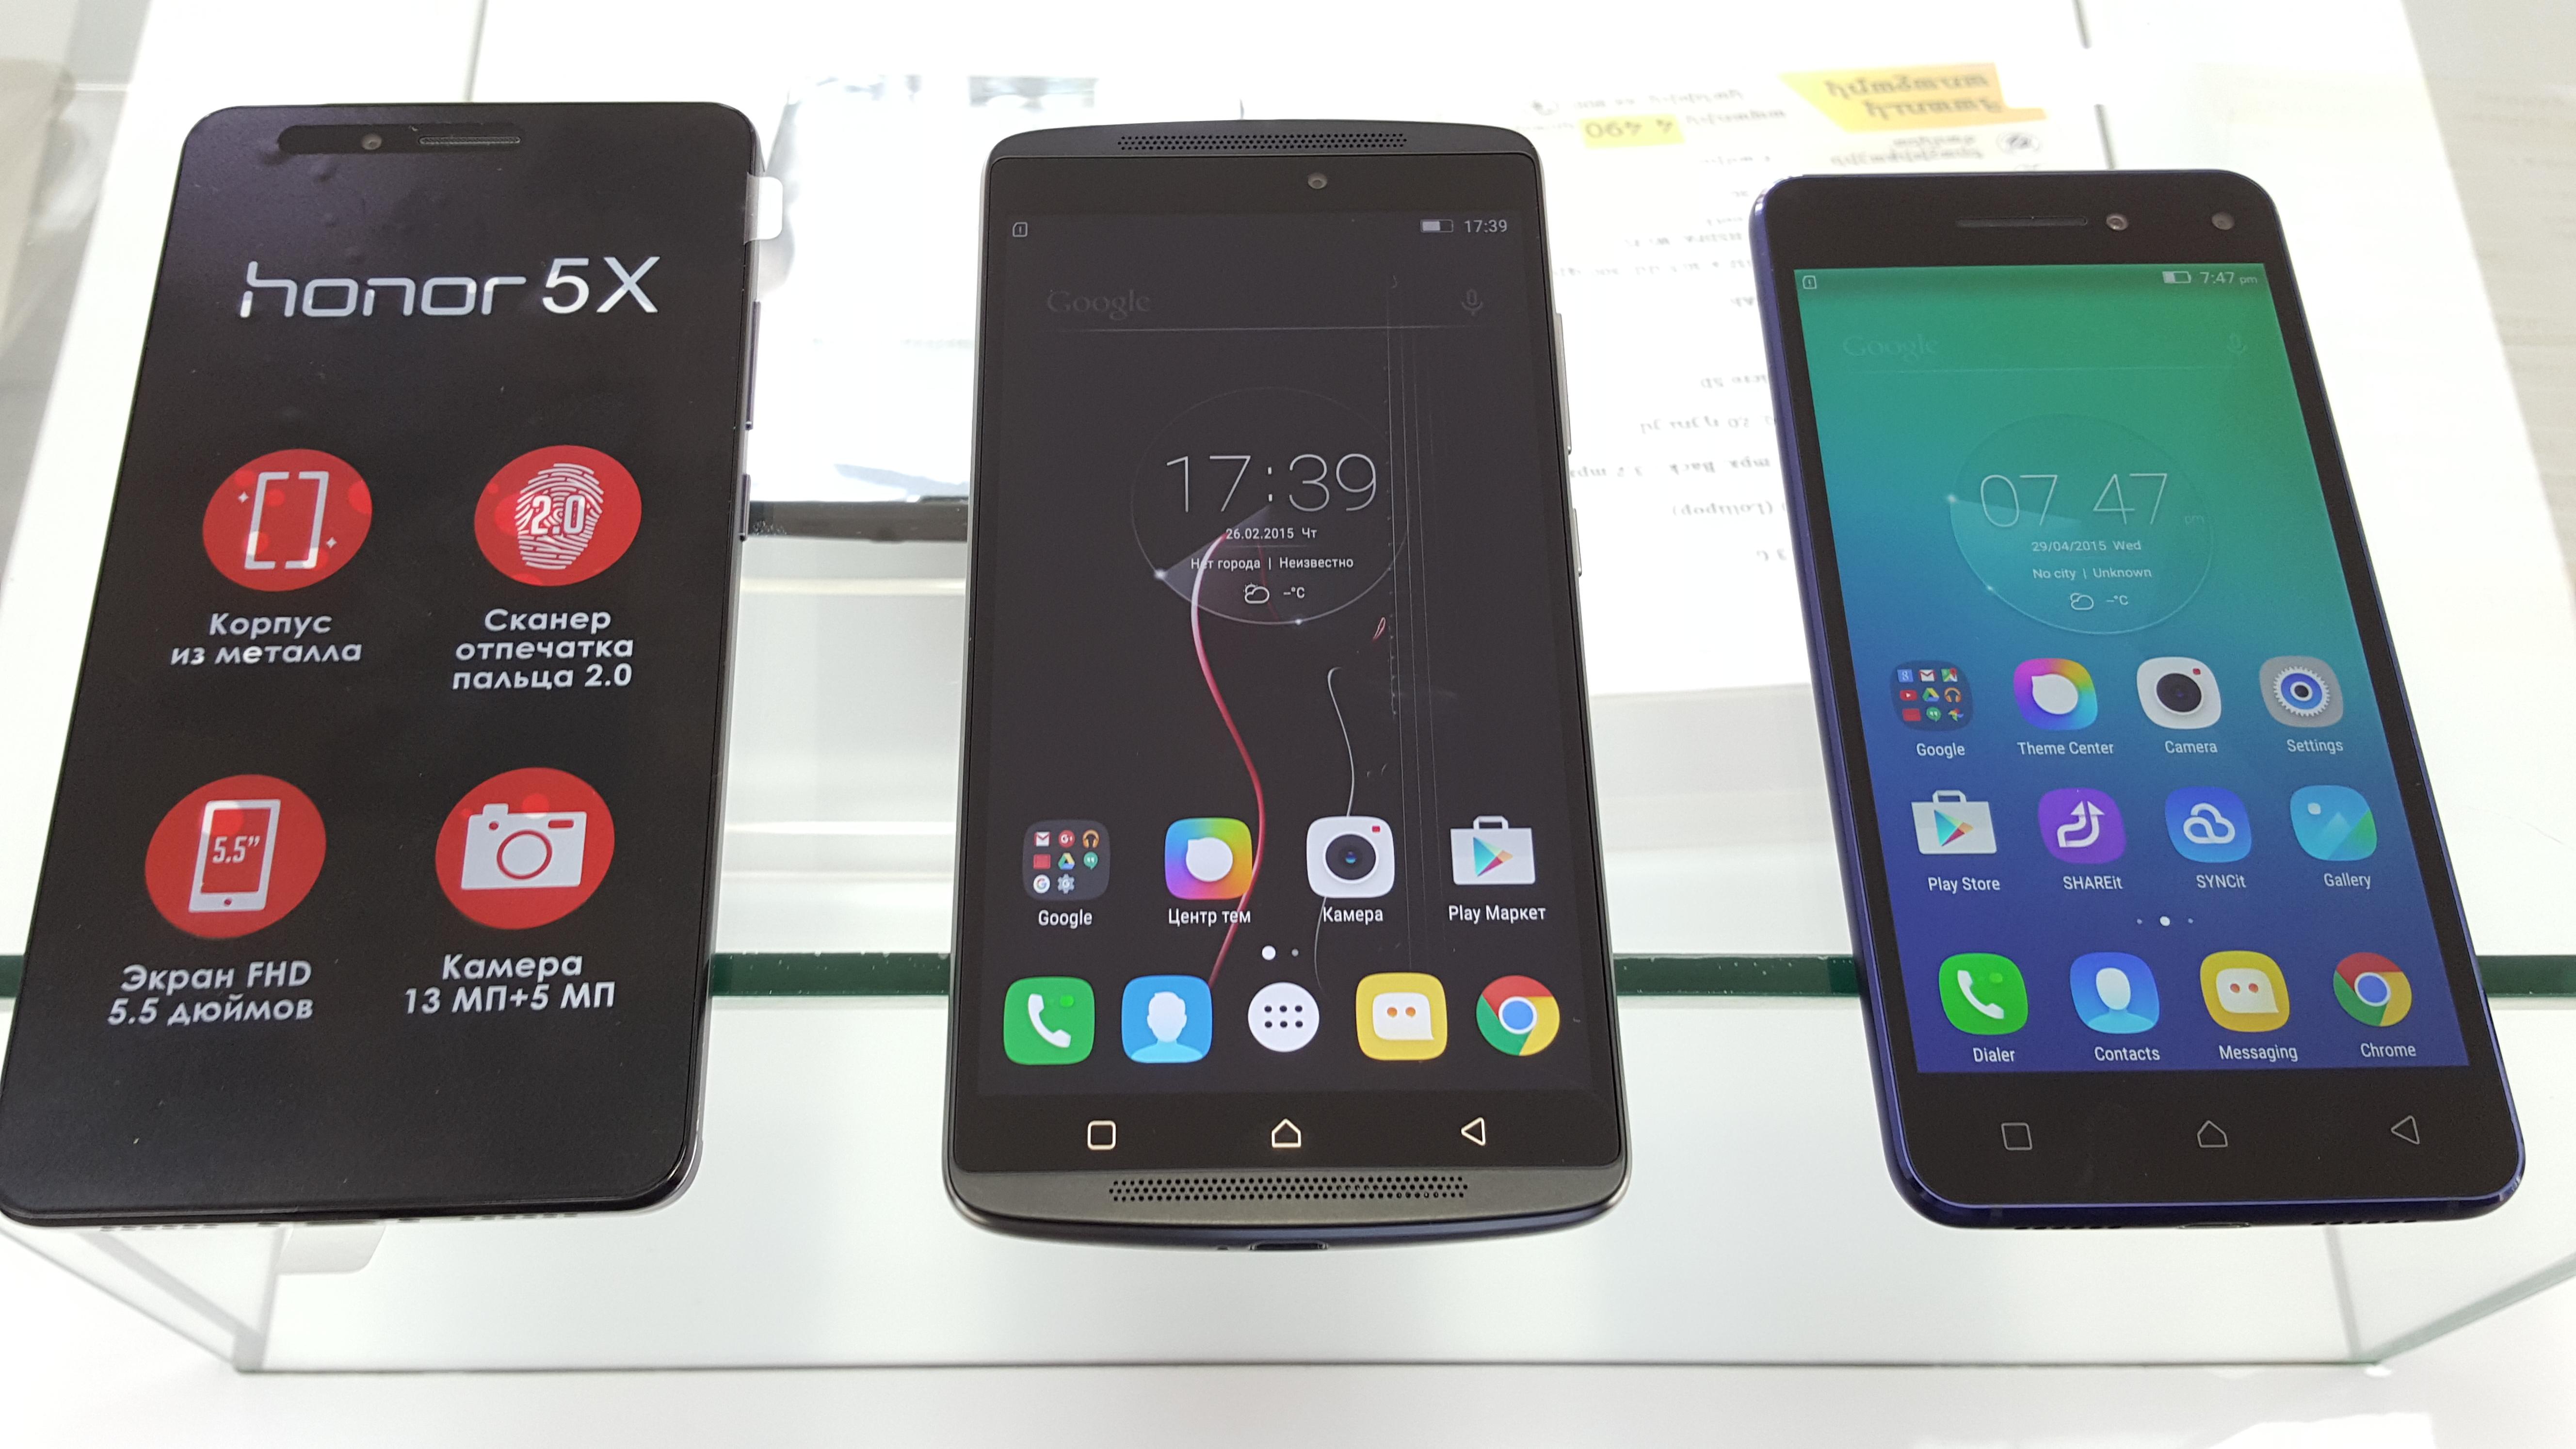 Beeline. մեկնարկել է Lenovo, Huawei և Micromax նոր սմարթֆոնների վաճառքը